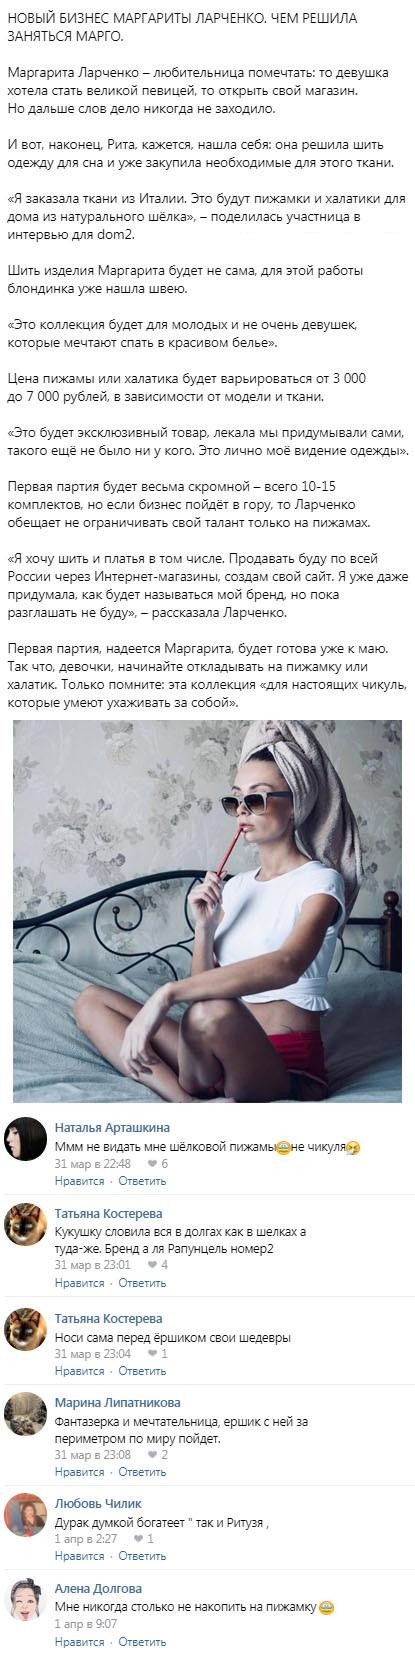 Маргарита Ларченко озвучила расценки на свою коллекцию одежды